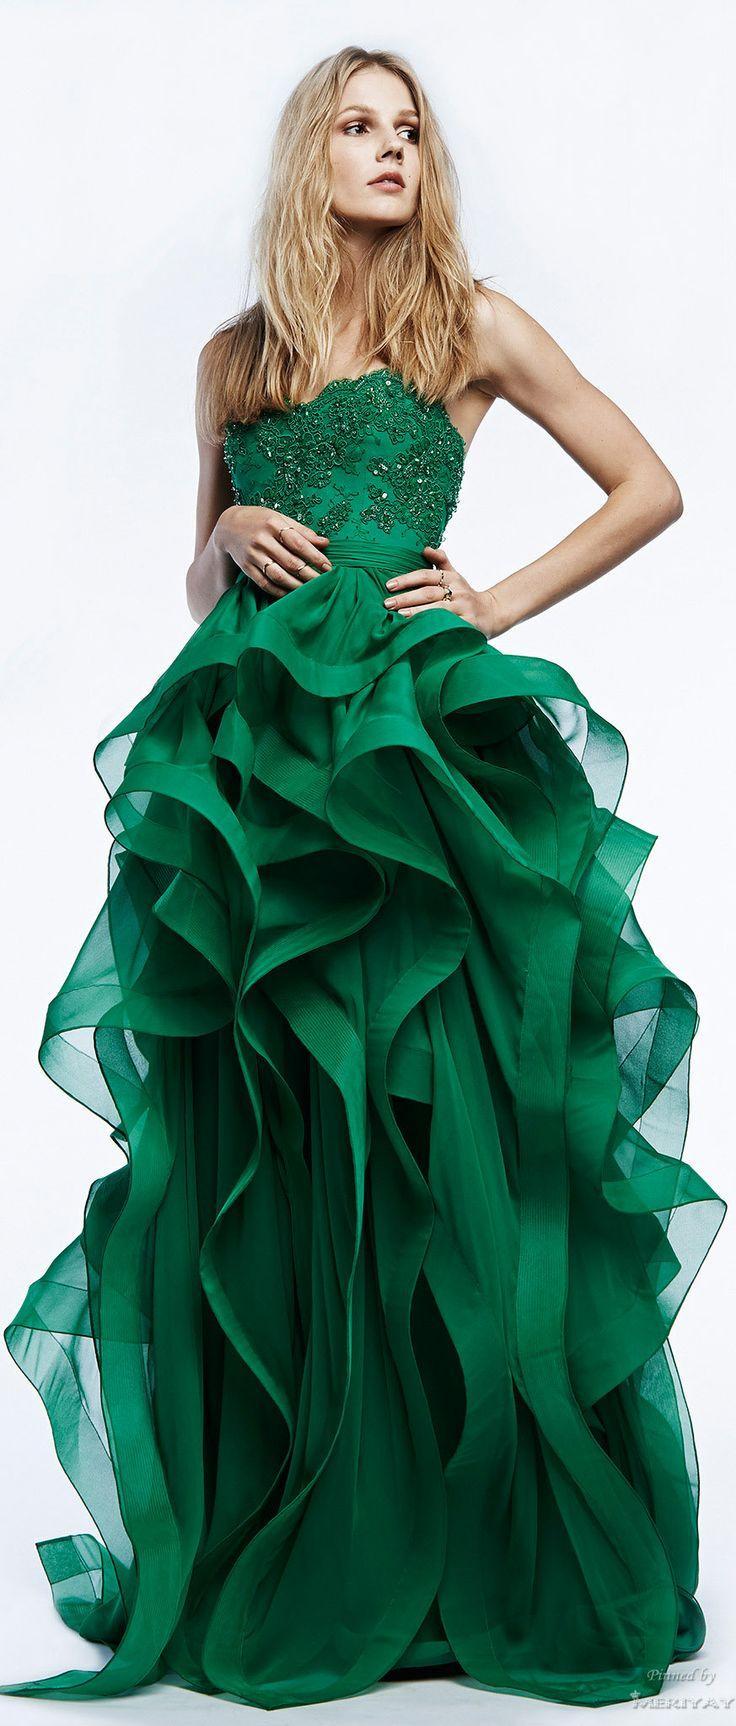 Grüne Hochzeit - Wunderschöne Kleider .. Grünen #16 - Weddbook